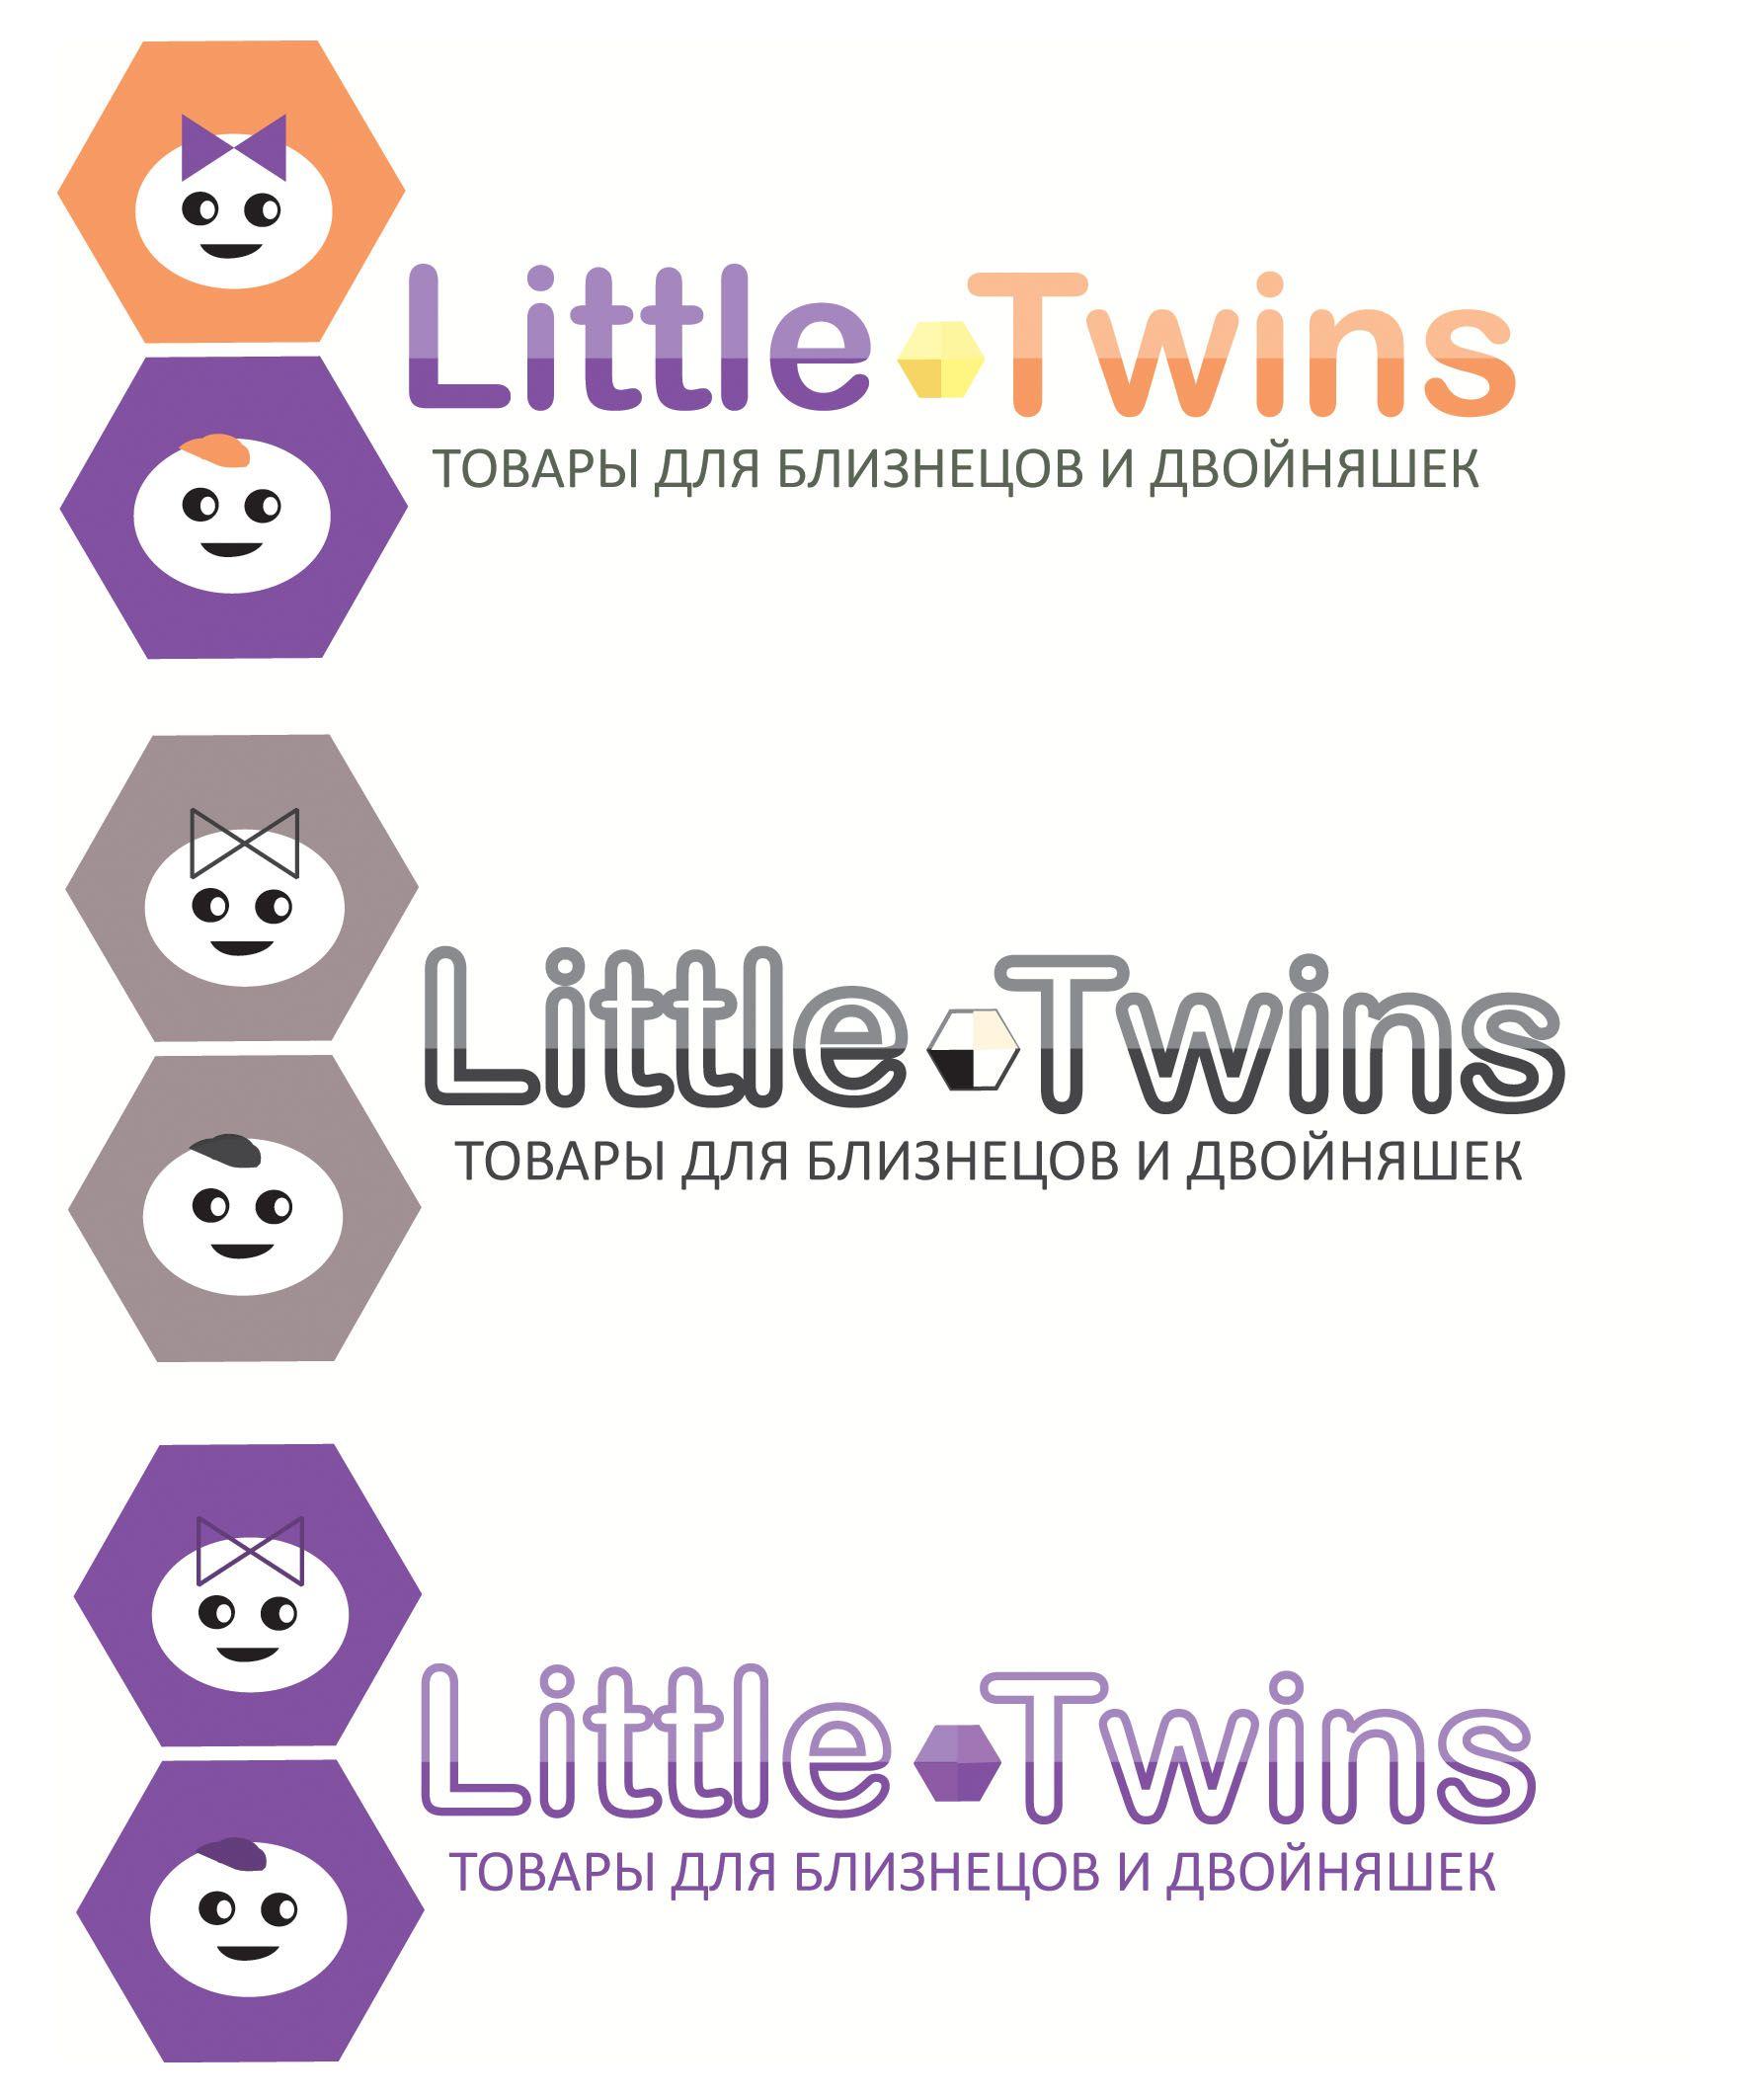 Логотип детского интернет-магазина для двойняшек - дизайнер KcI_Oxa